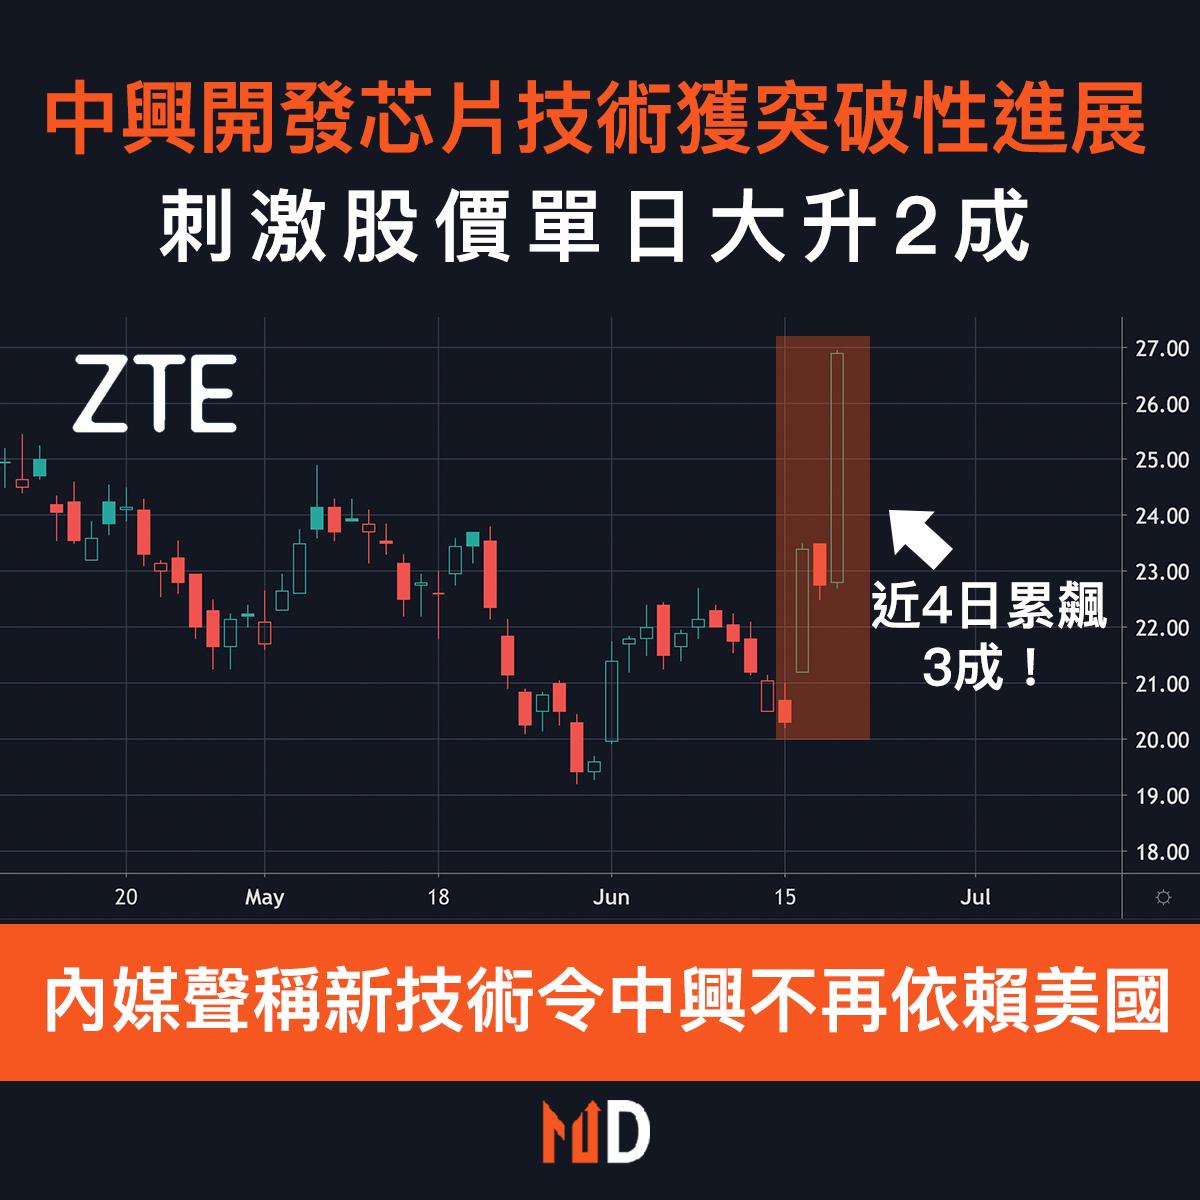 【圖解股市】中興開發芯片技術獲突破性進展,刺激股價單日大升2成